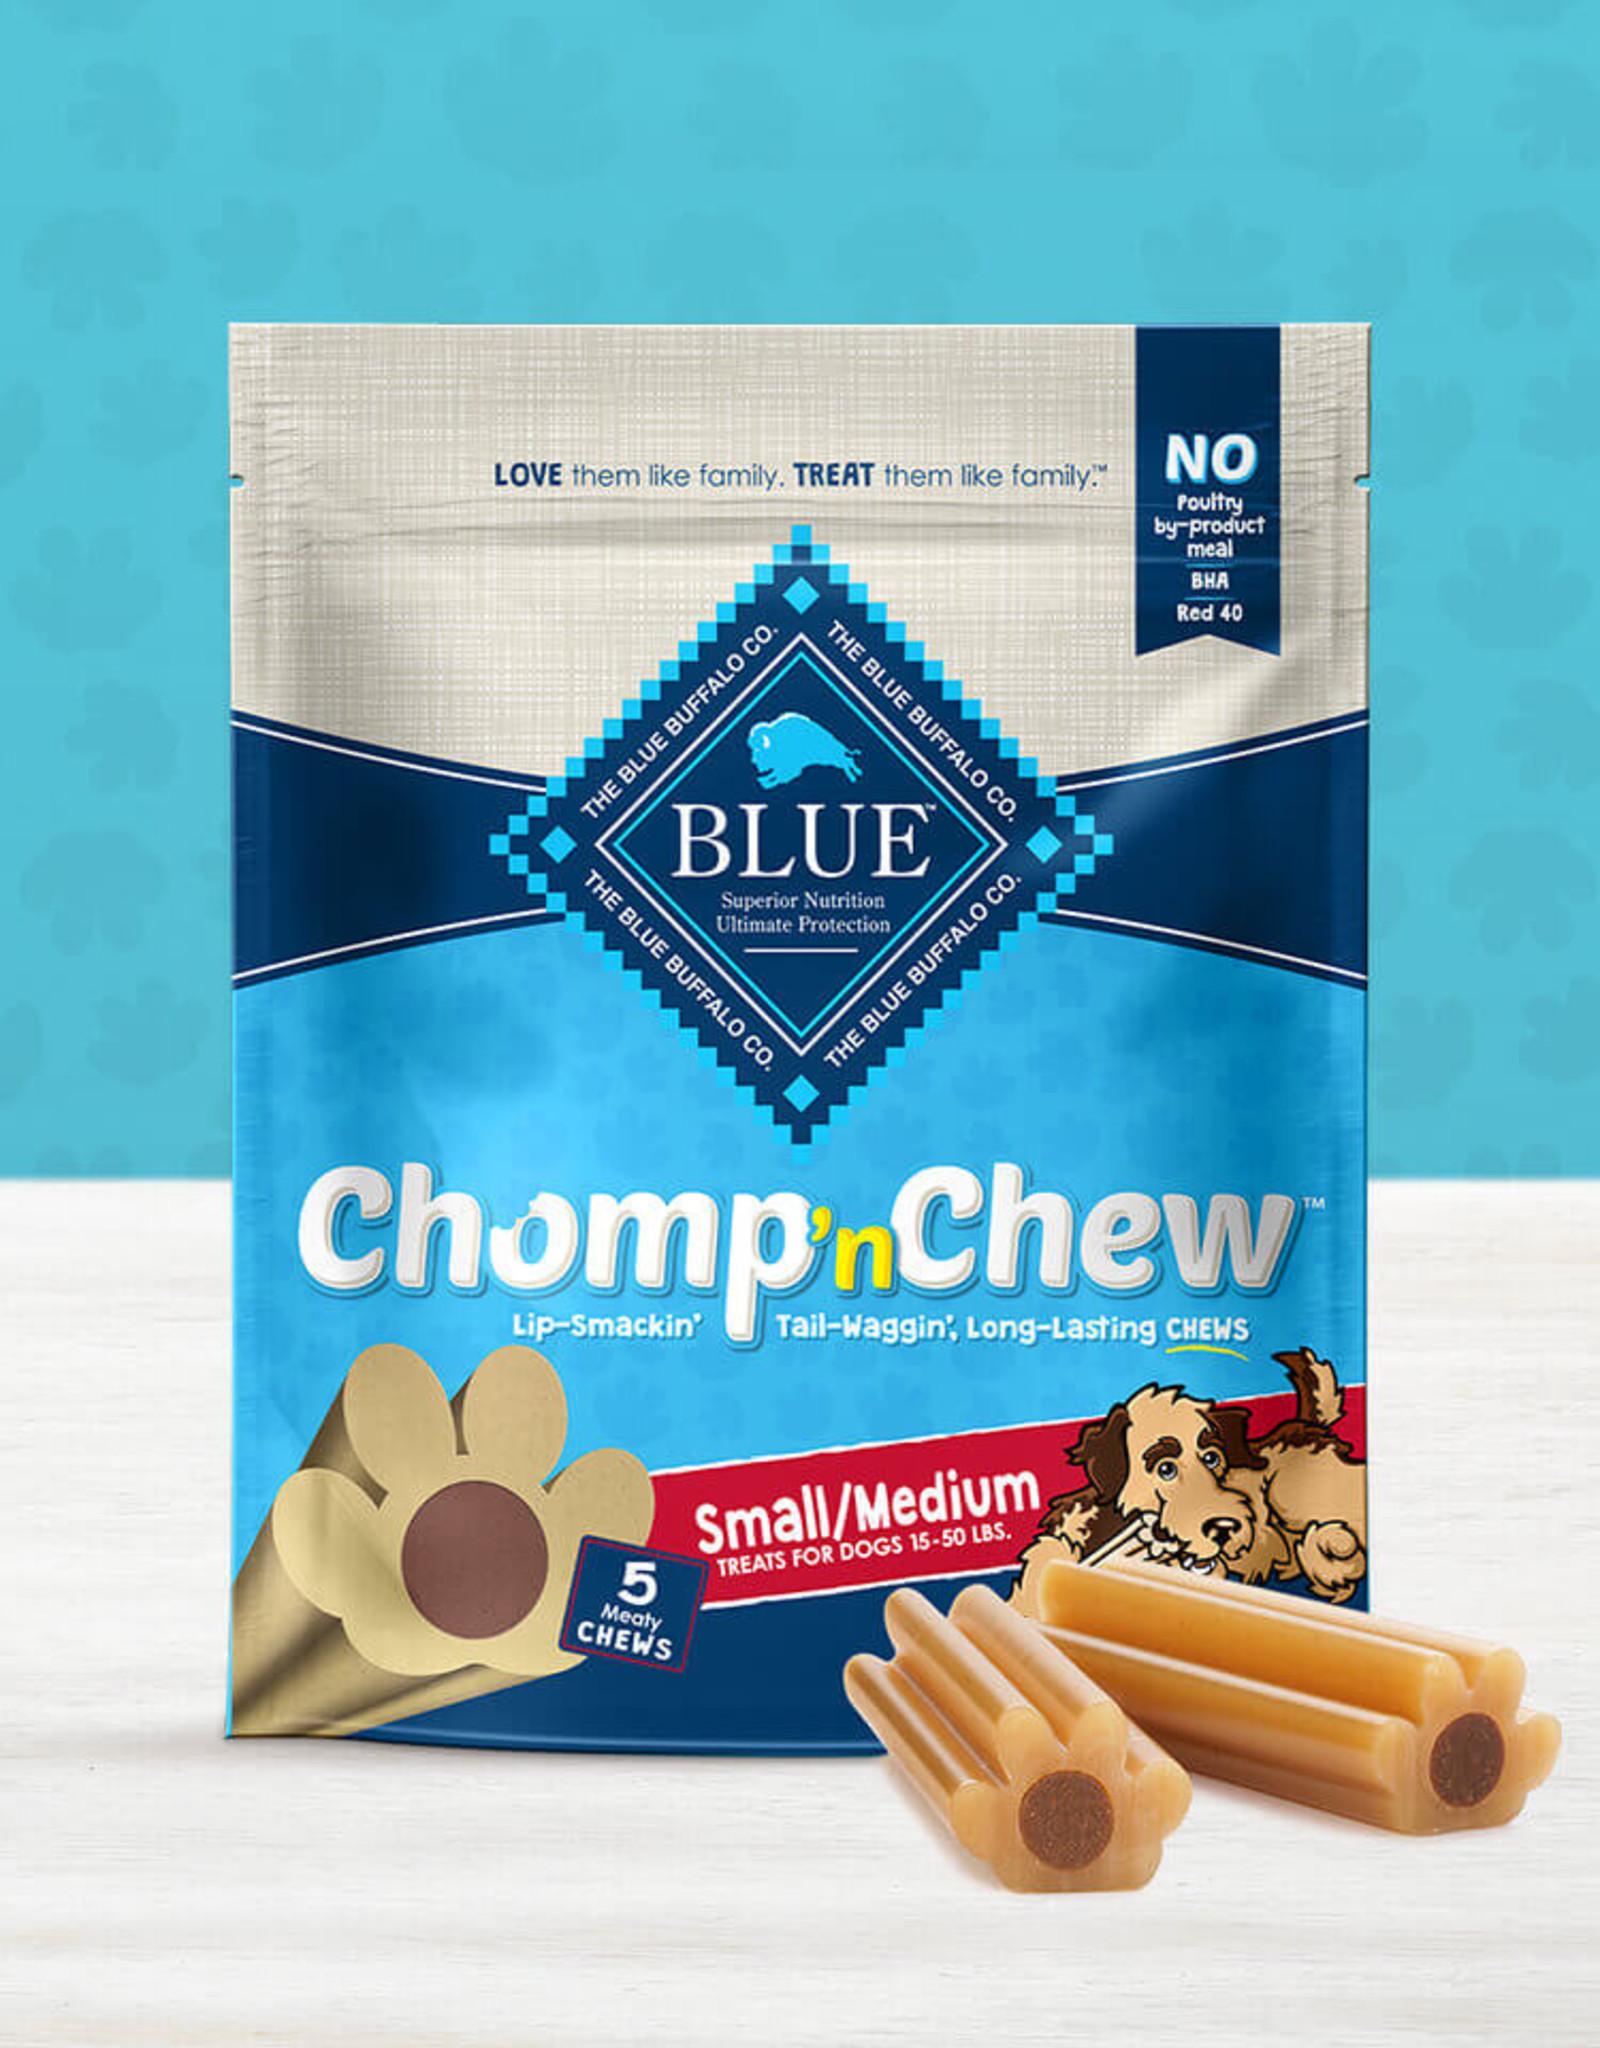 BLUE BUFFALO COMPANY BLUE BUFFALO CHOMP N' CHEW SM/MD 5CT